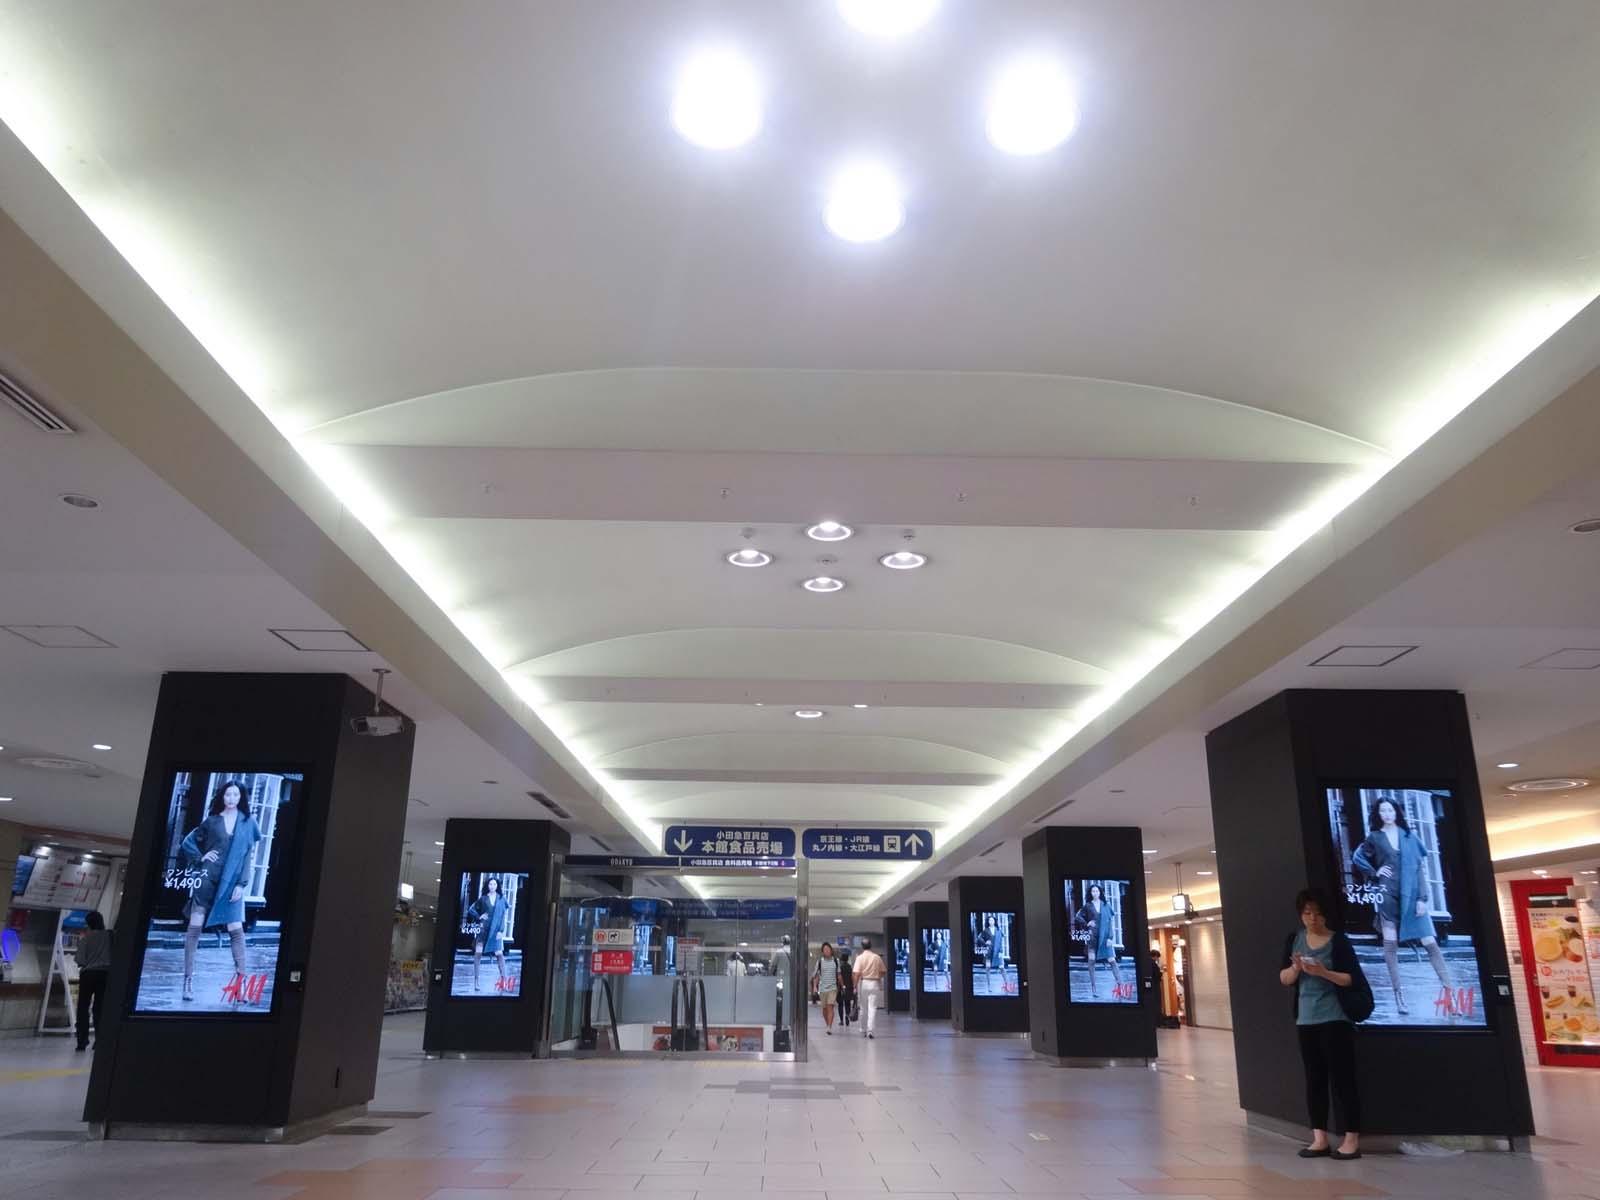 デジタルサイネージ,小田急新宿駅〈著作権フリー画像〉Free Stock Photos